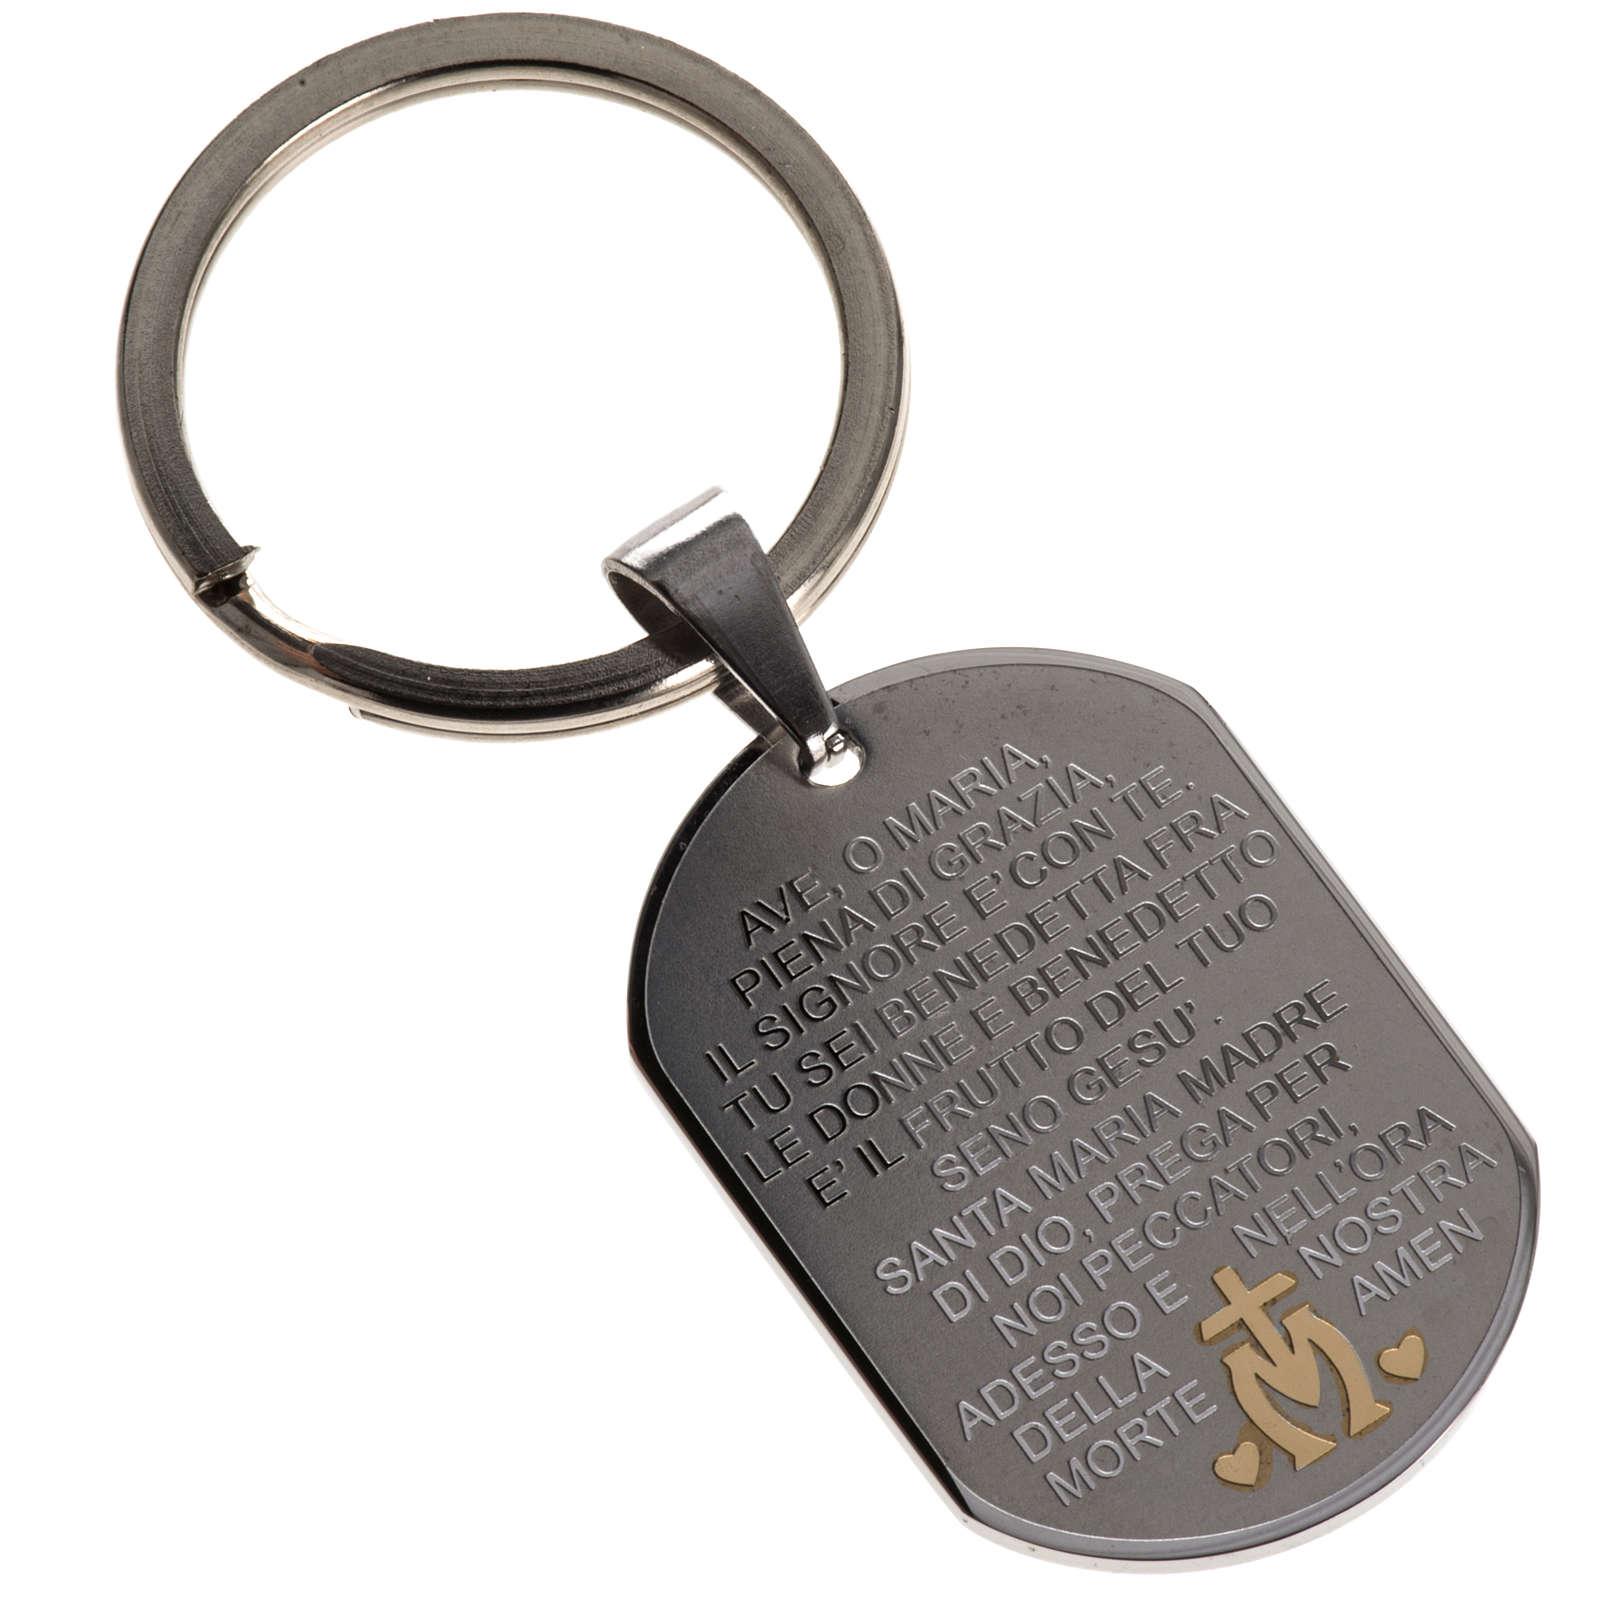 Hail Mary prayer key ring 3